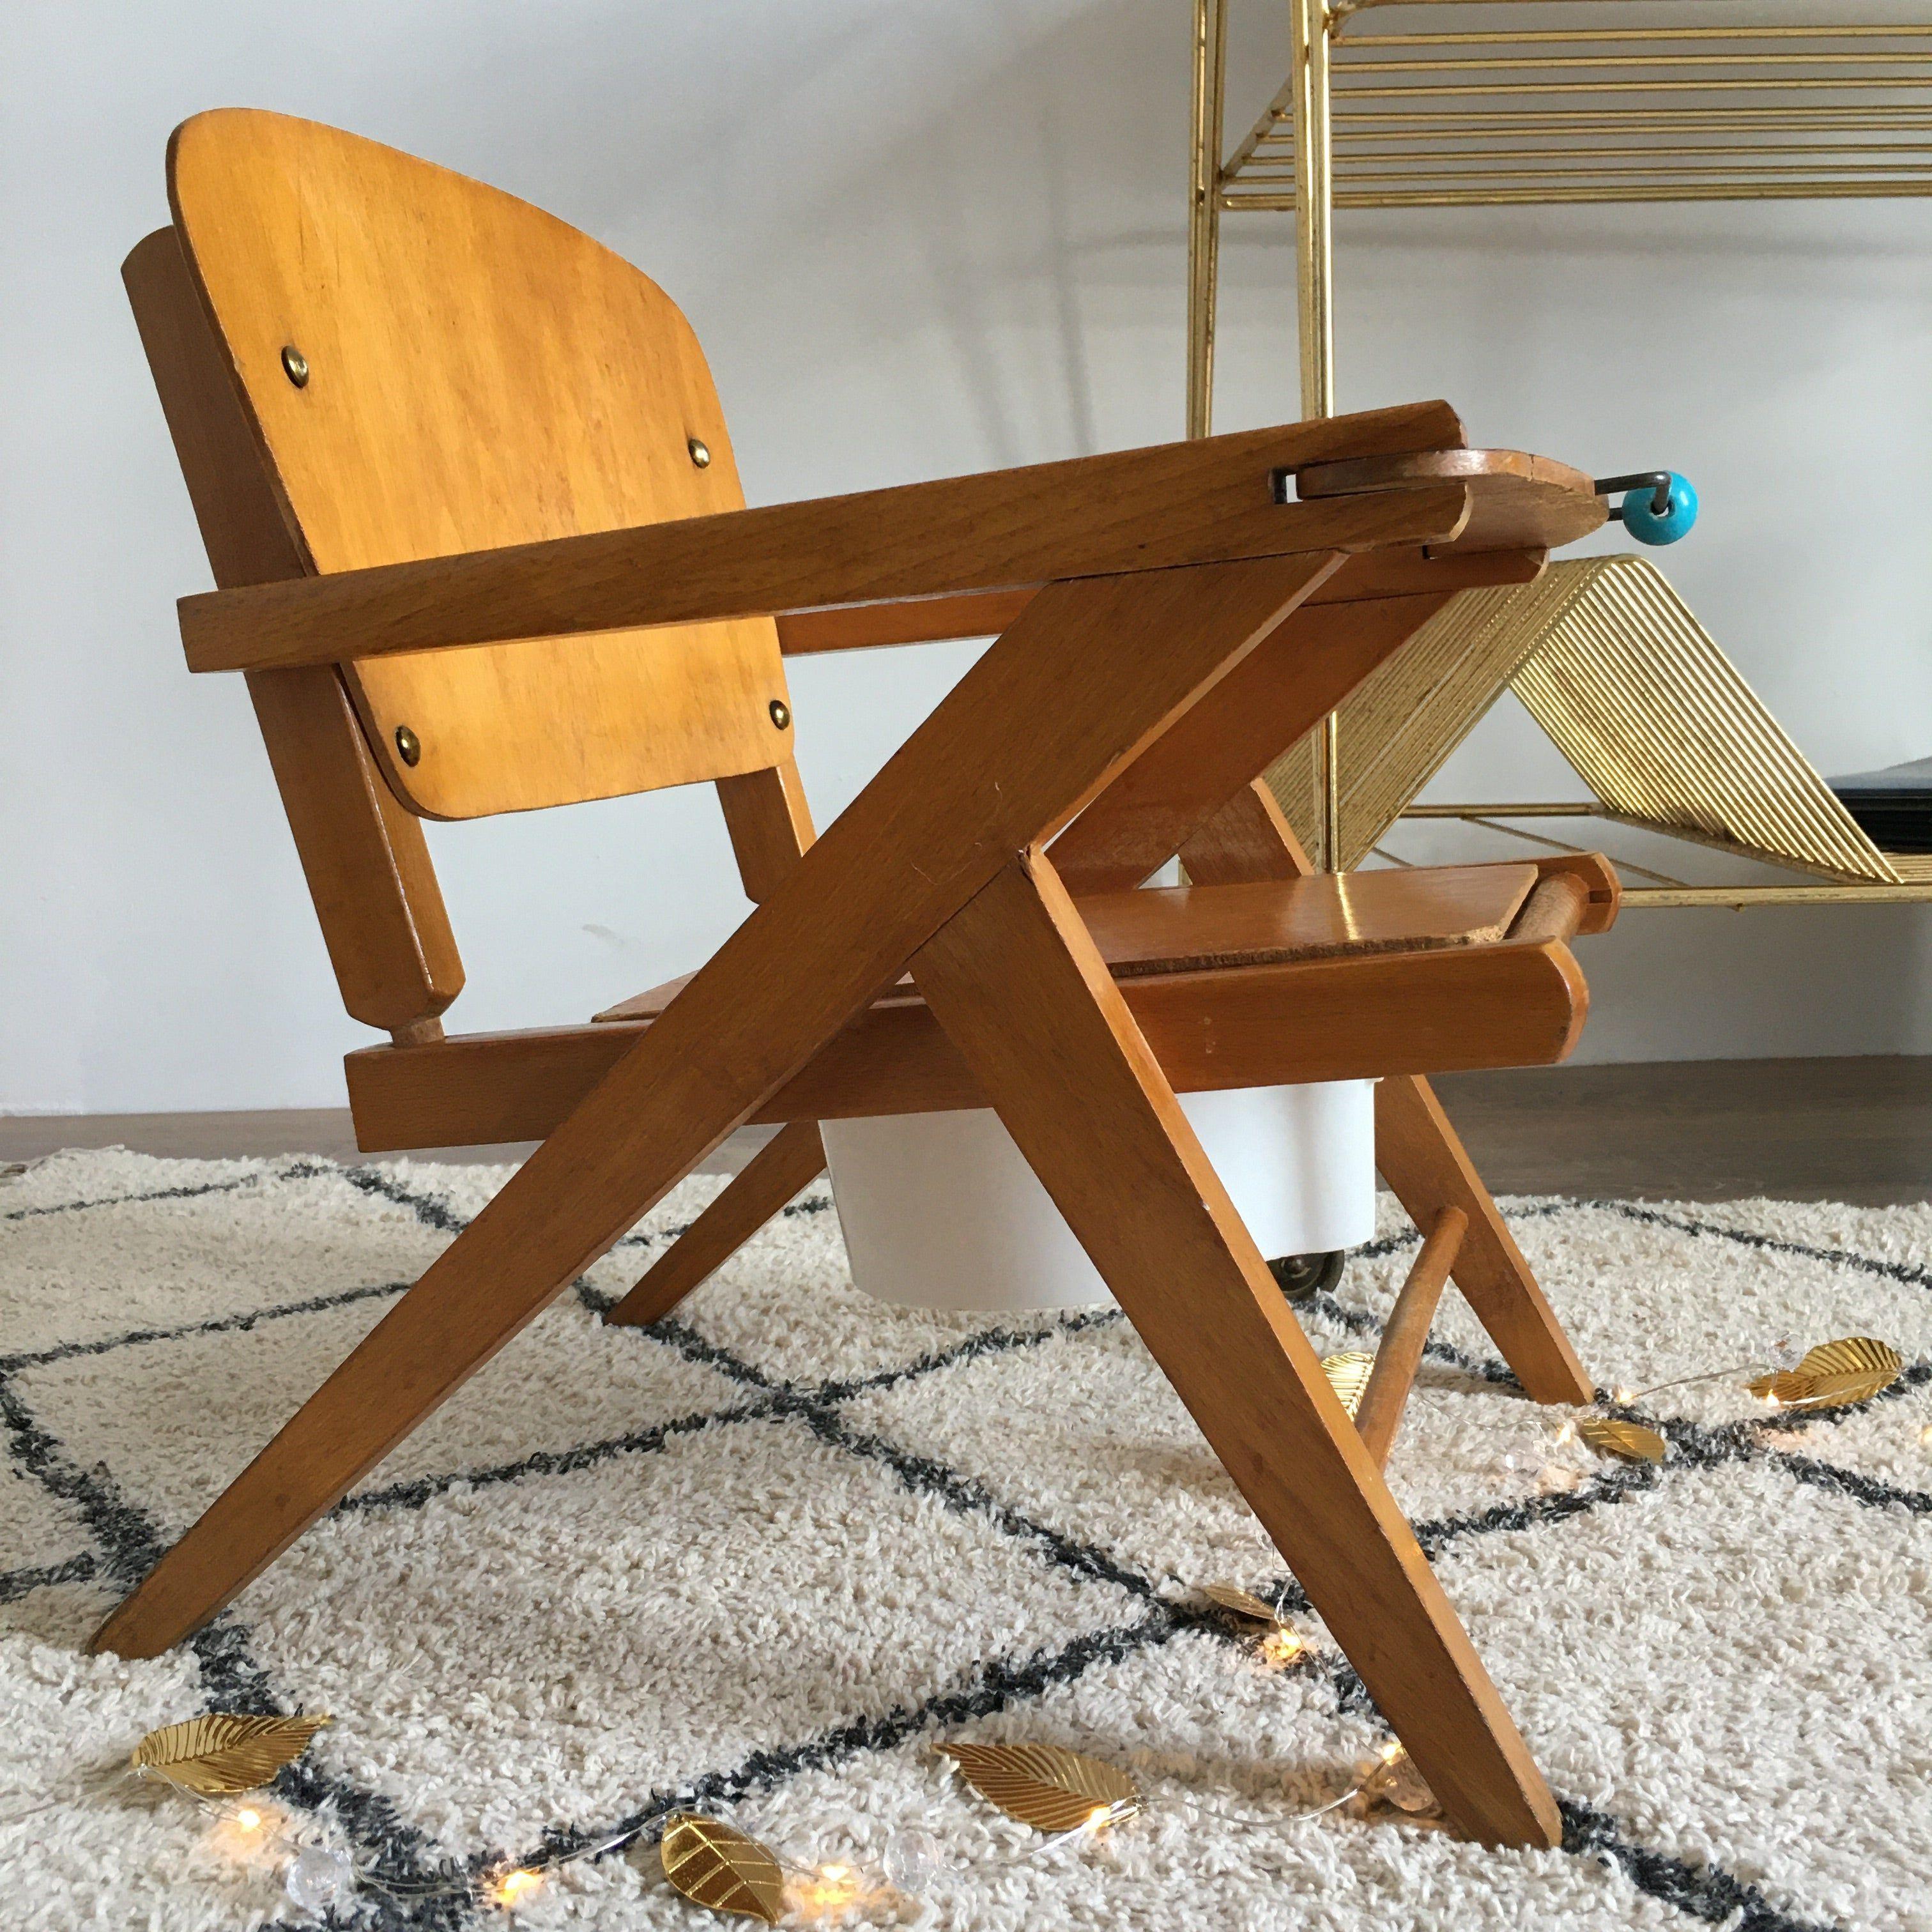 Orangevertevintage — Chaise Vintage Pour Enfant